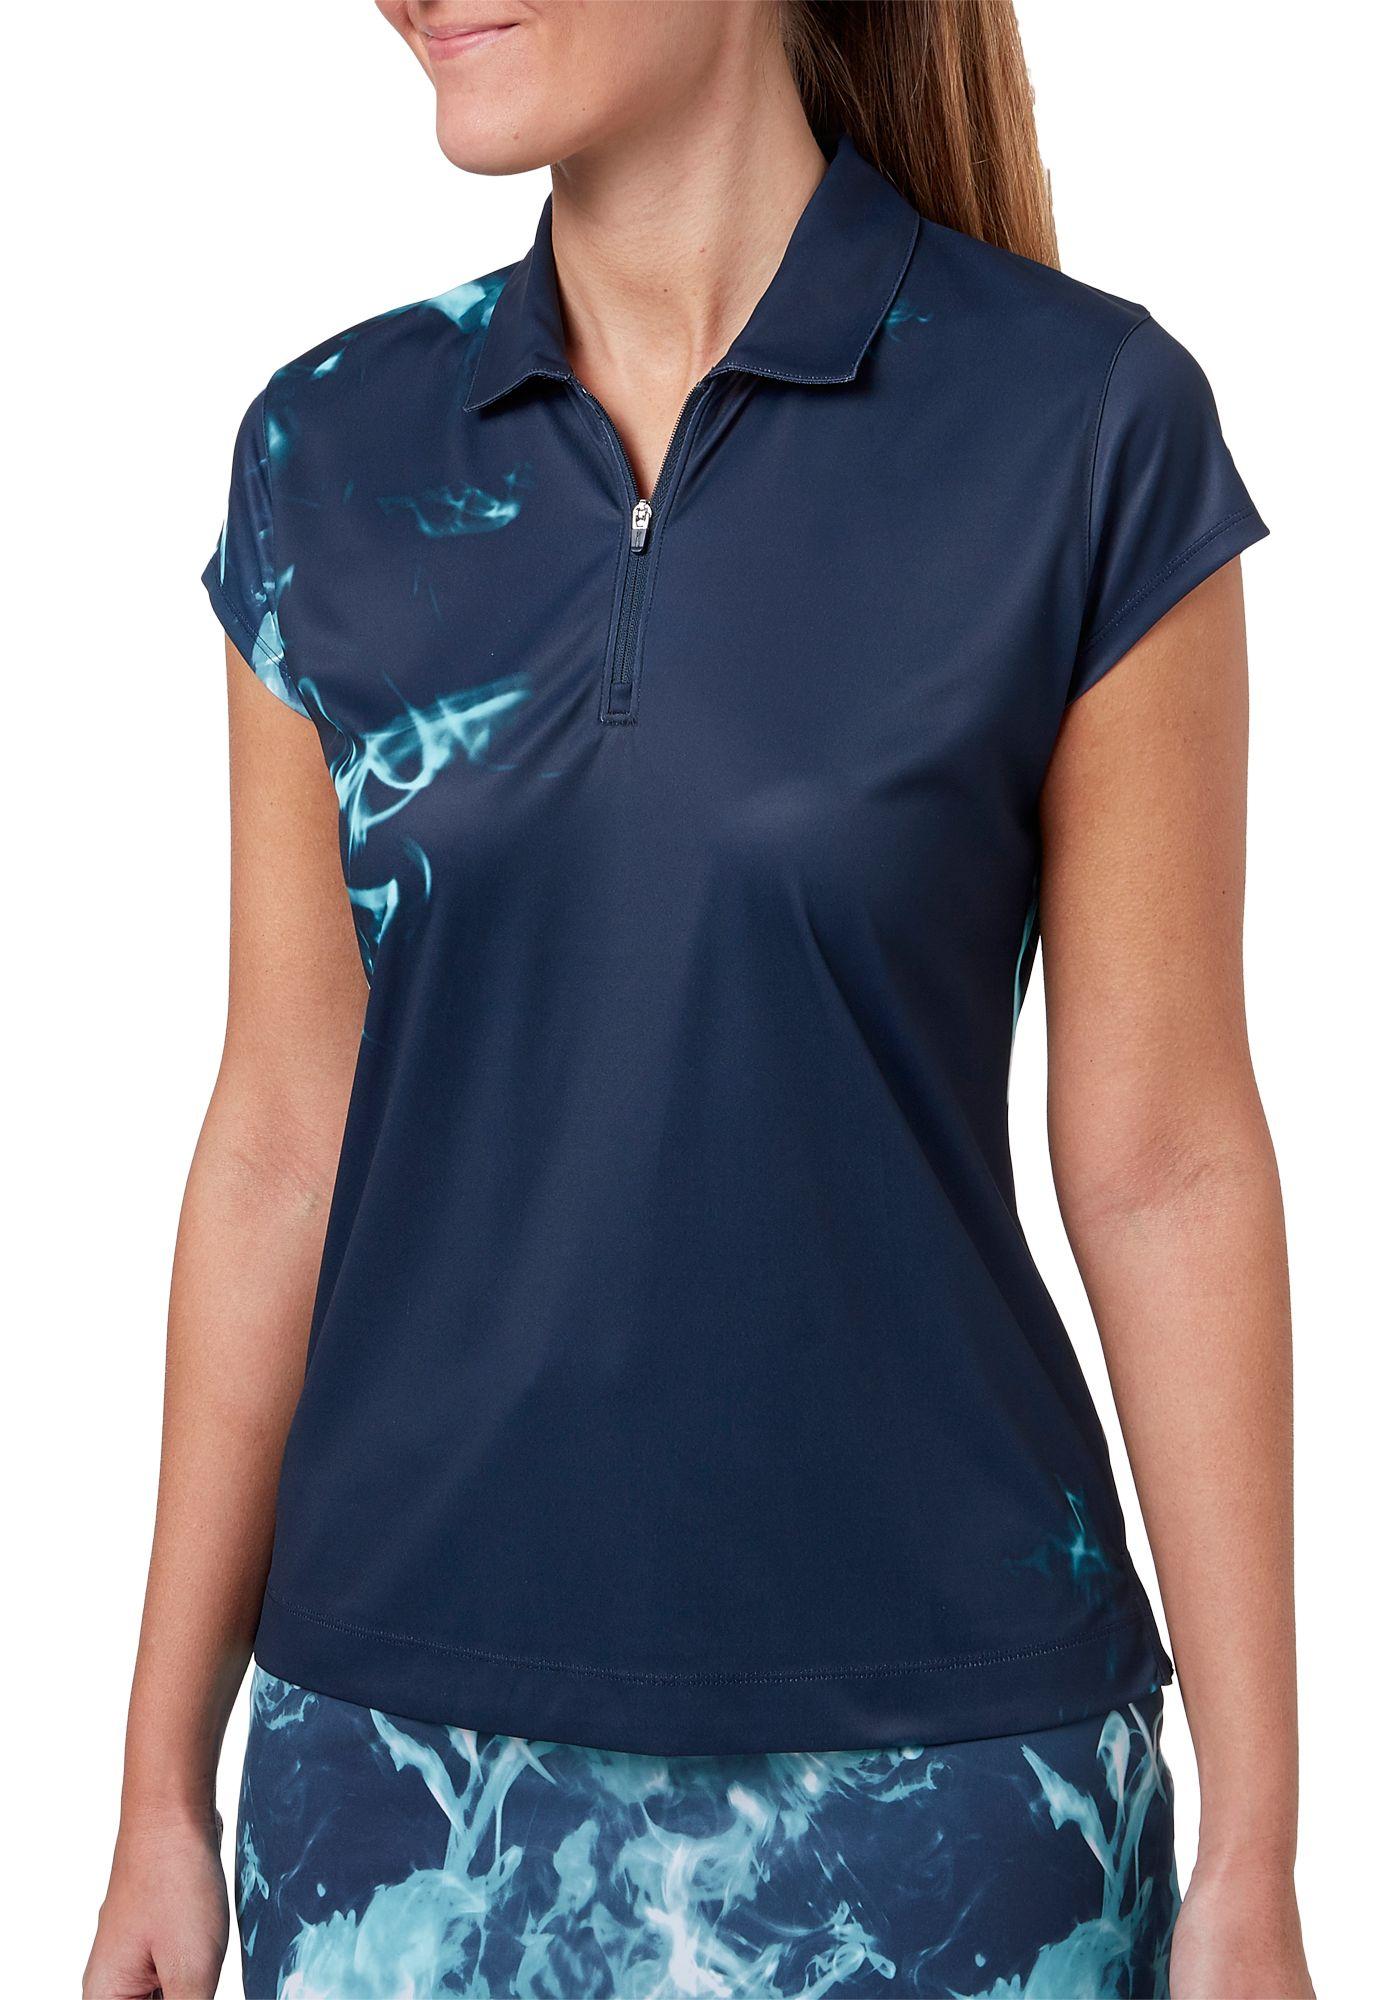 Slazenger Women's Vapor Smoke Printed Golf Polo